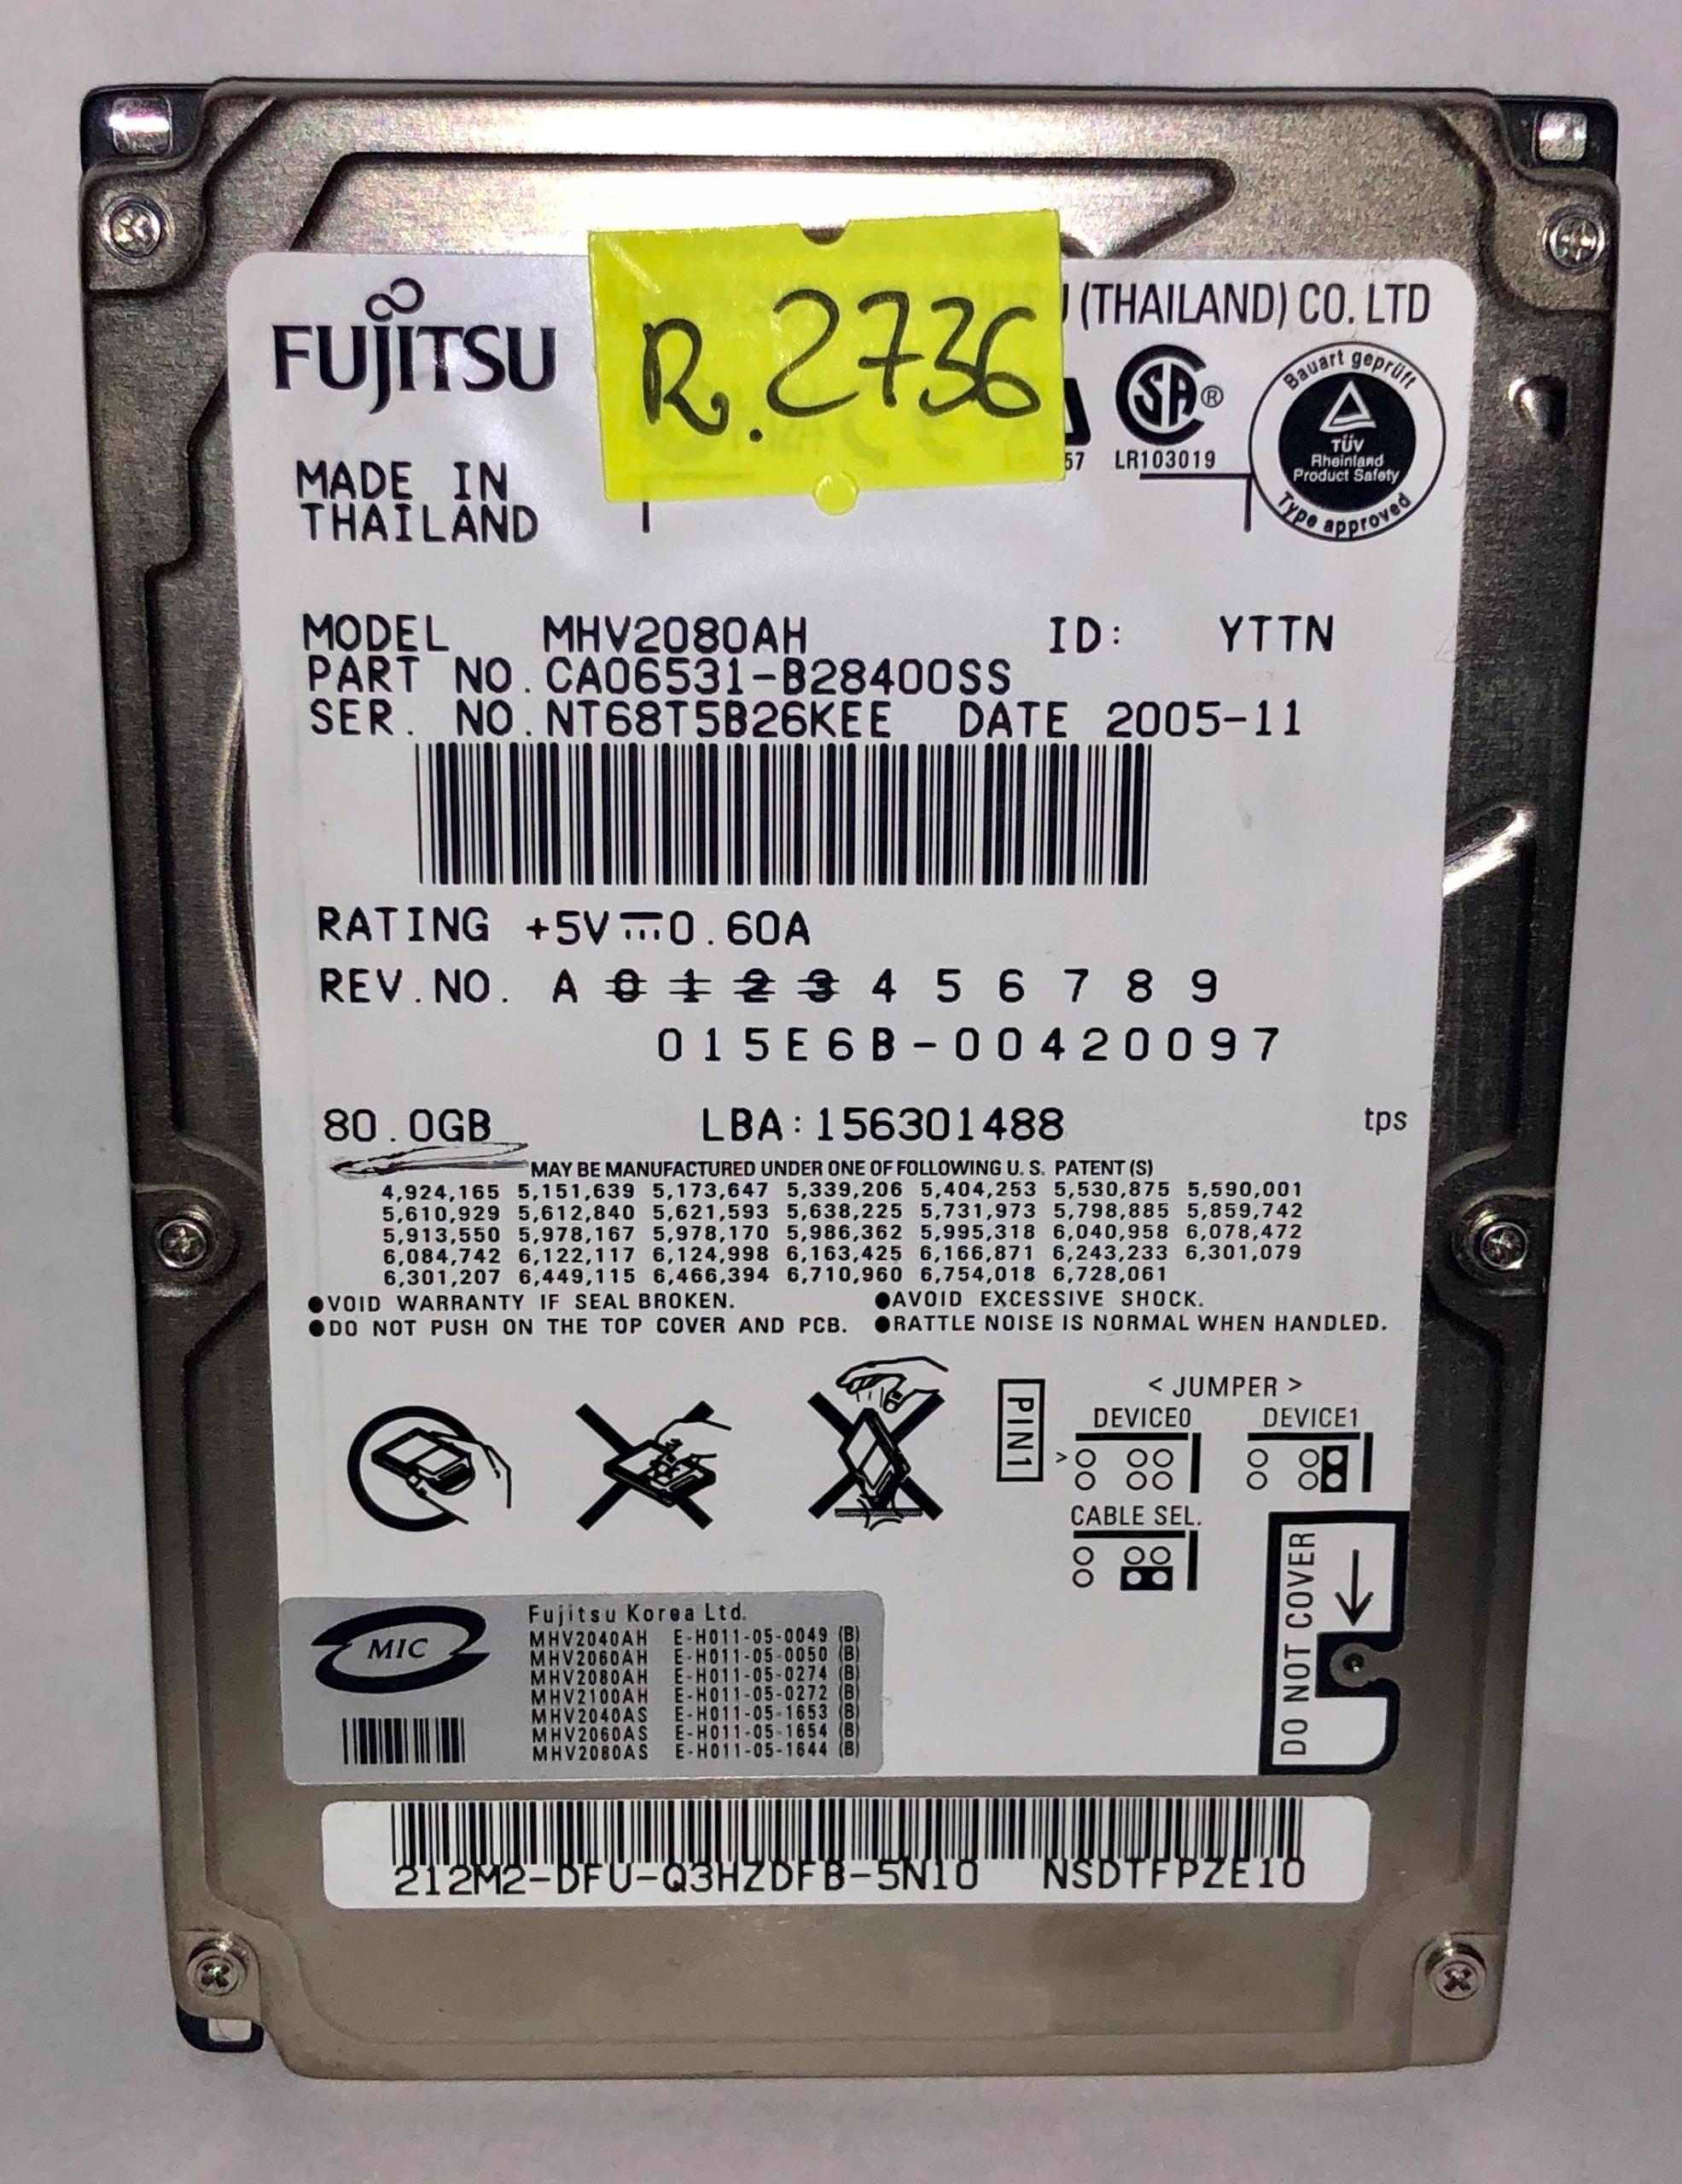 DYSK 2,5'' FUJITSU 80 GB ATA NR R.2736